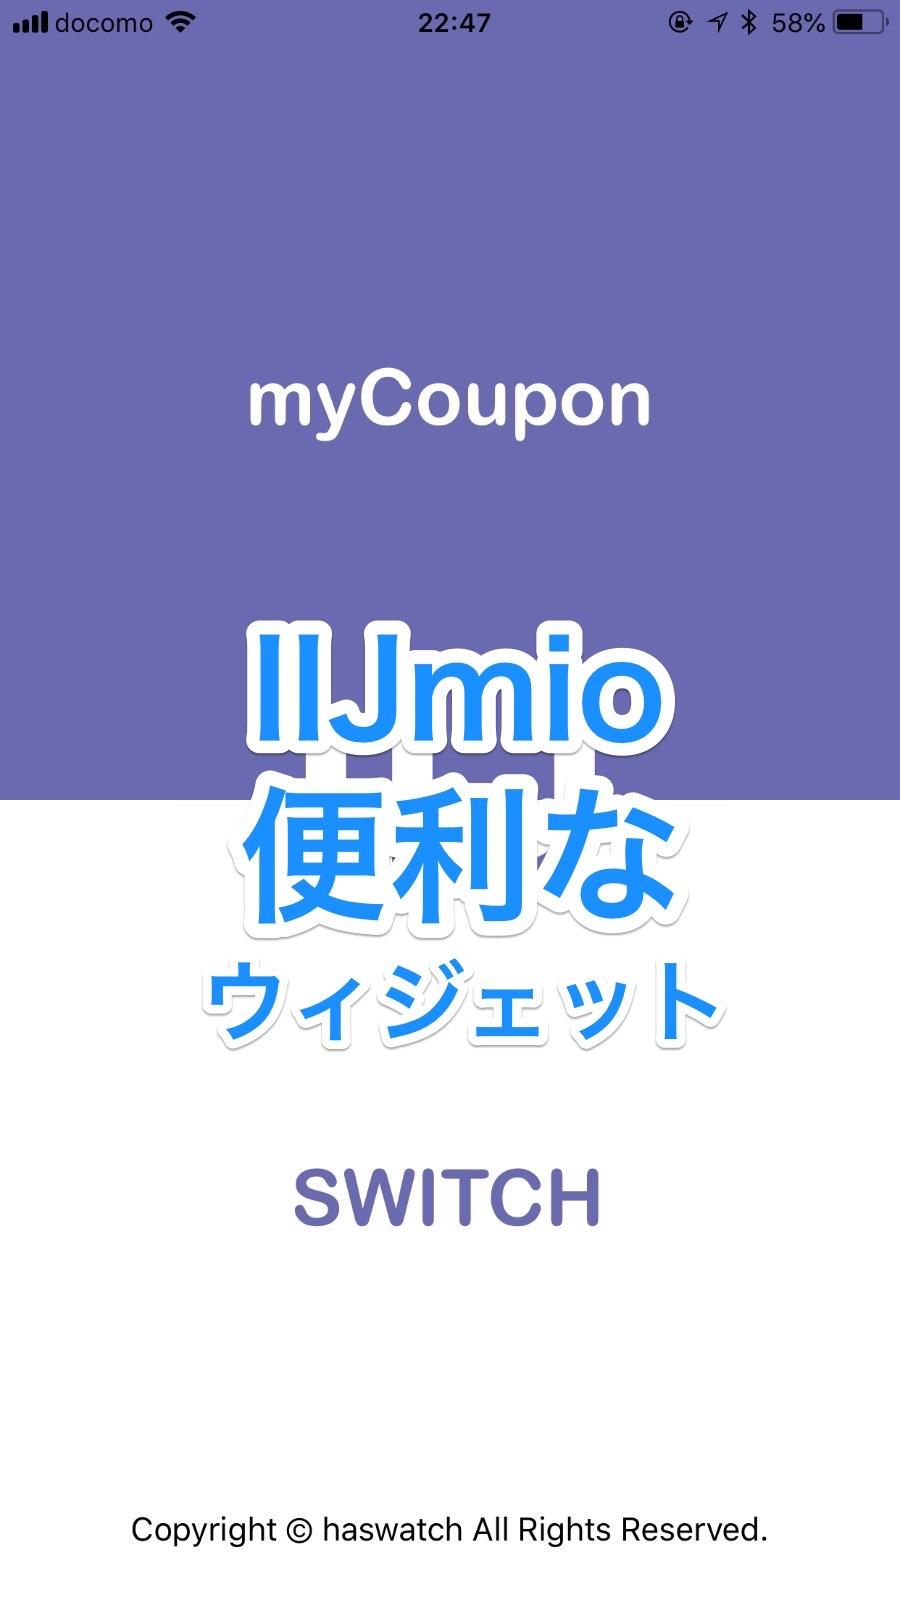 【IIJmio】クーポンの高速/低速の切り替えと残量が分かるiOS用ウィジェット